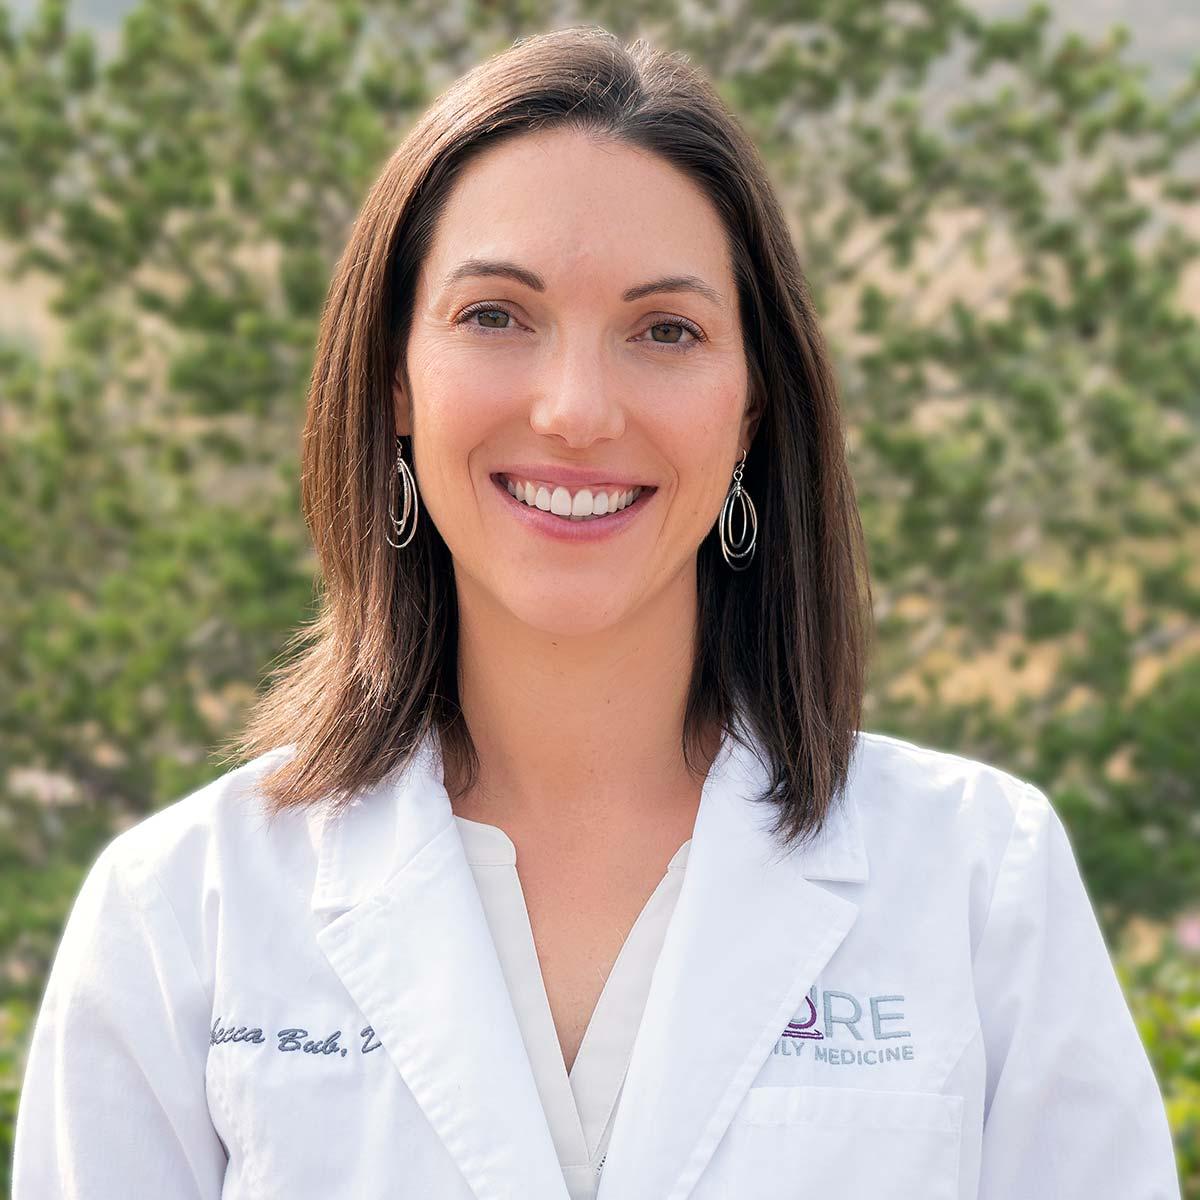 Dr. Rebecca Bub